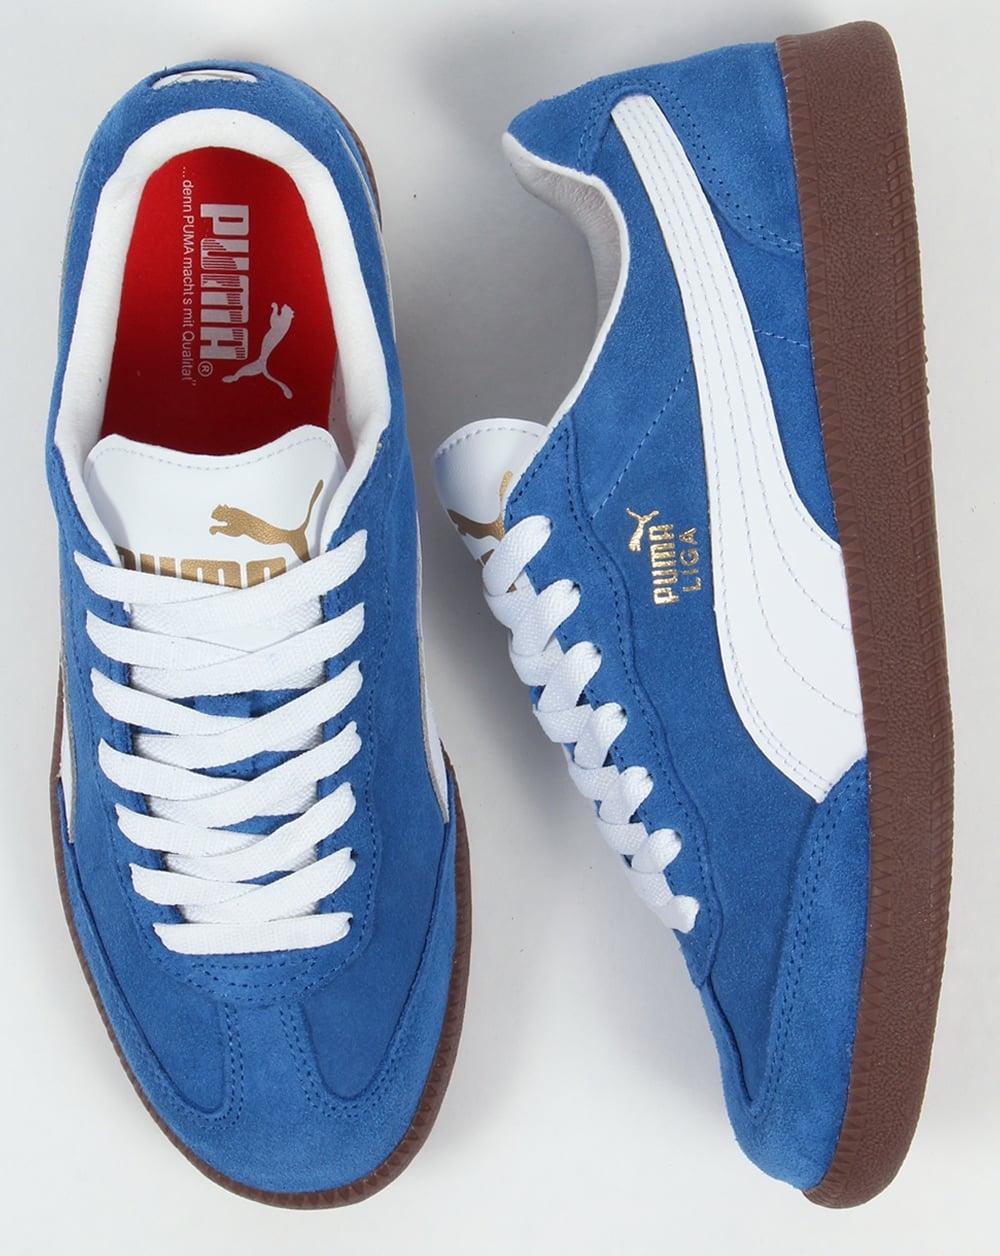 buy online 2a3f7 857e4 Puma Liga Suede Trainers Blue/White